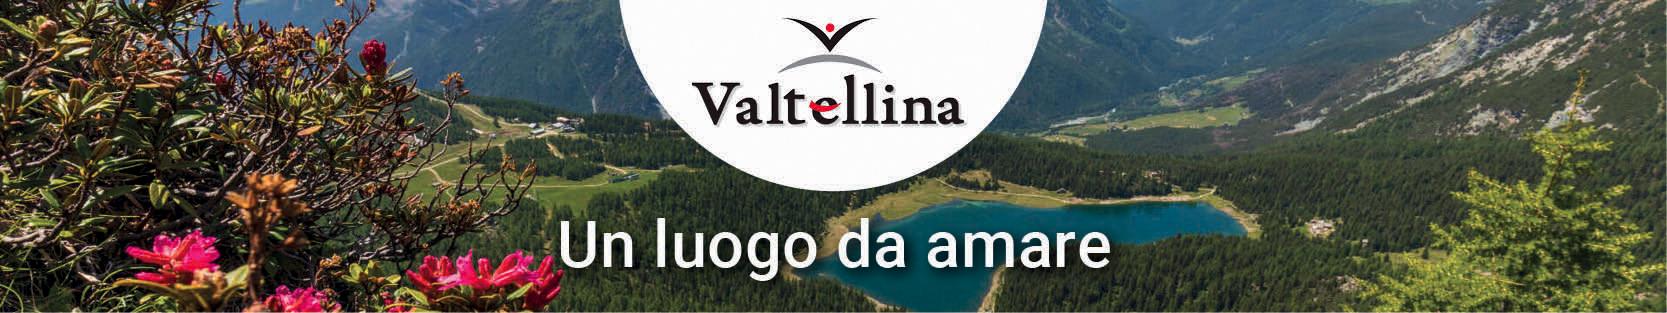 https://www.valtellina.it/it